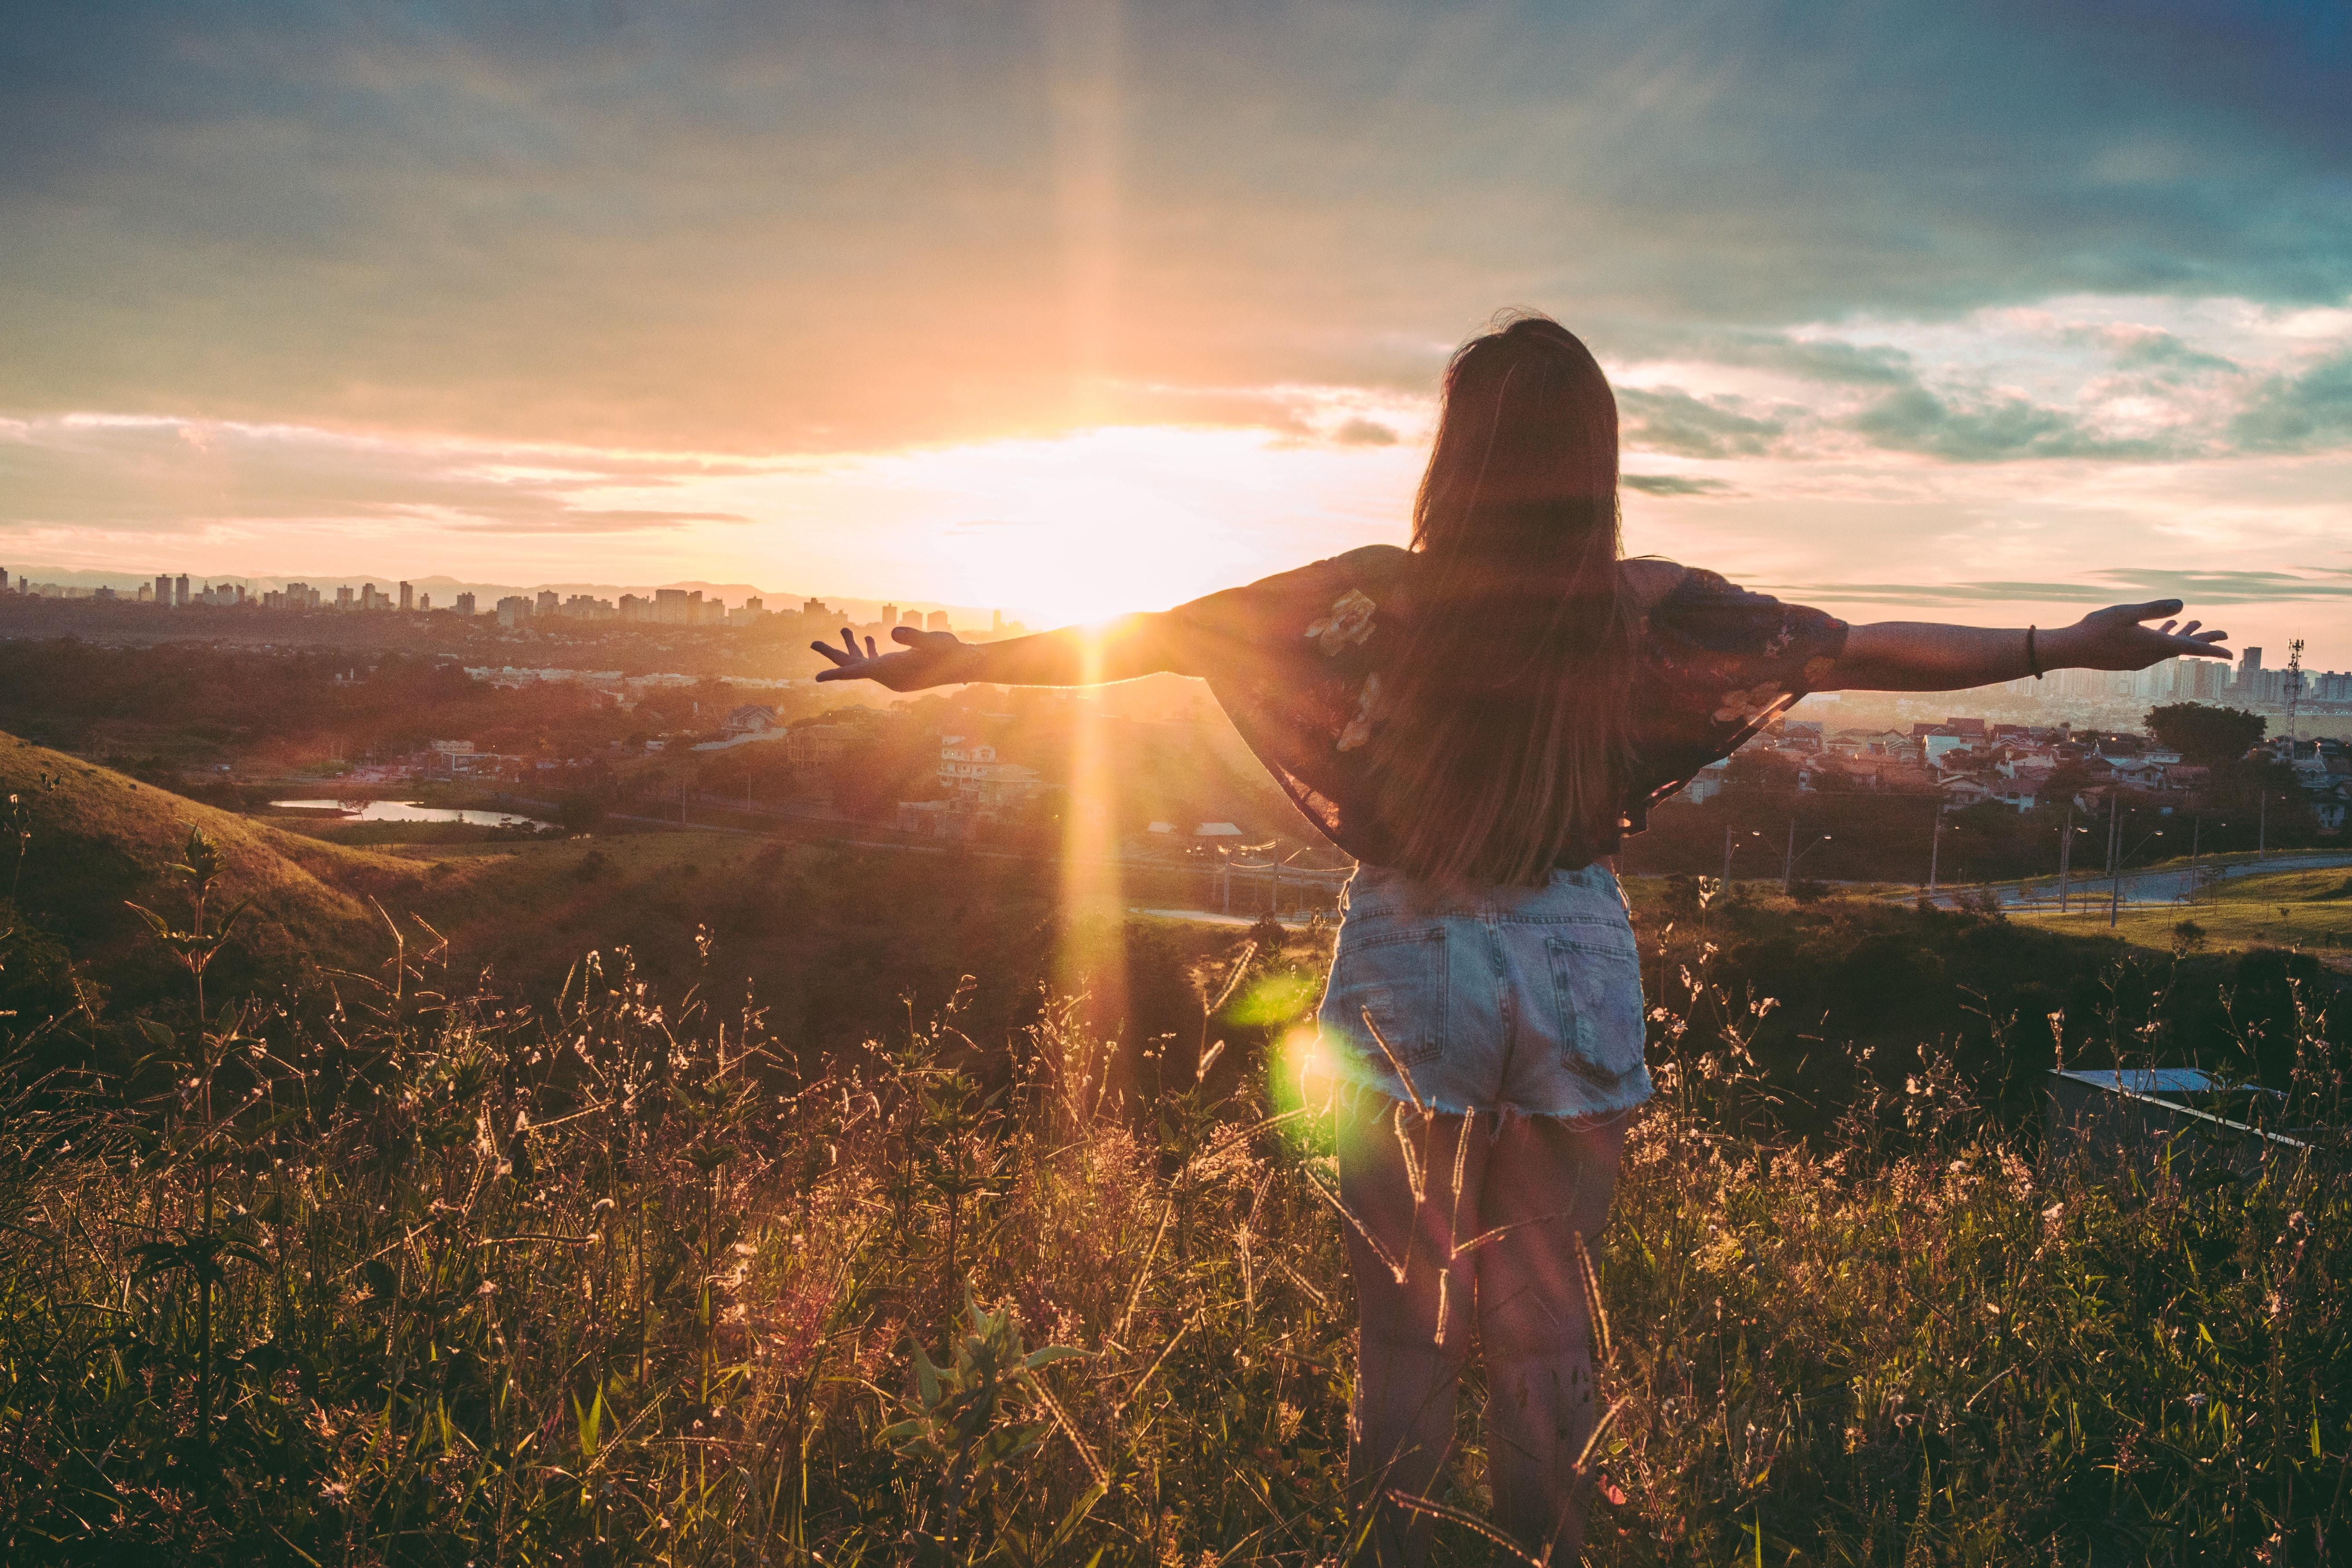 vrouw armen gespreid met zon